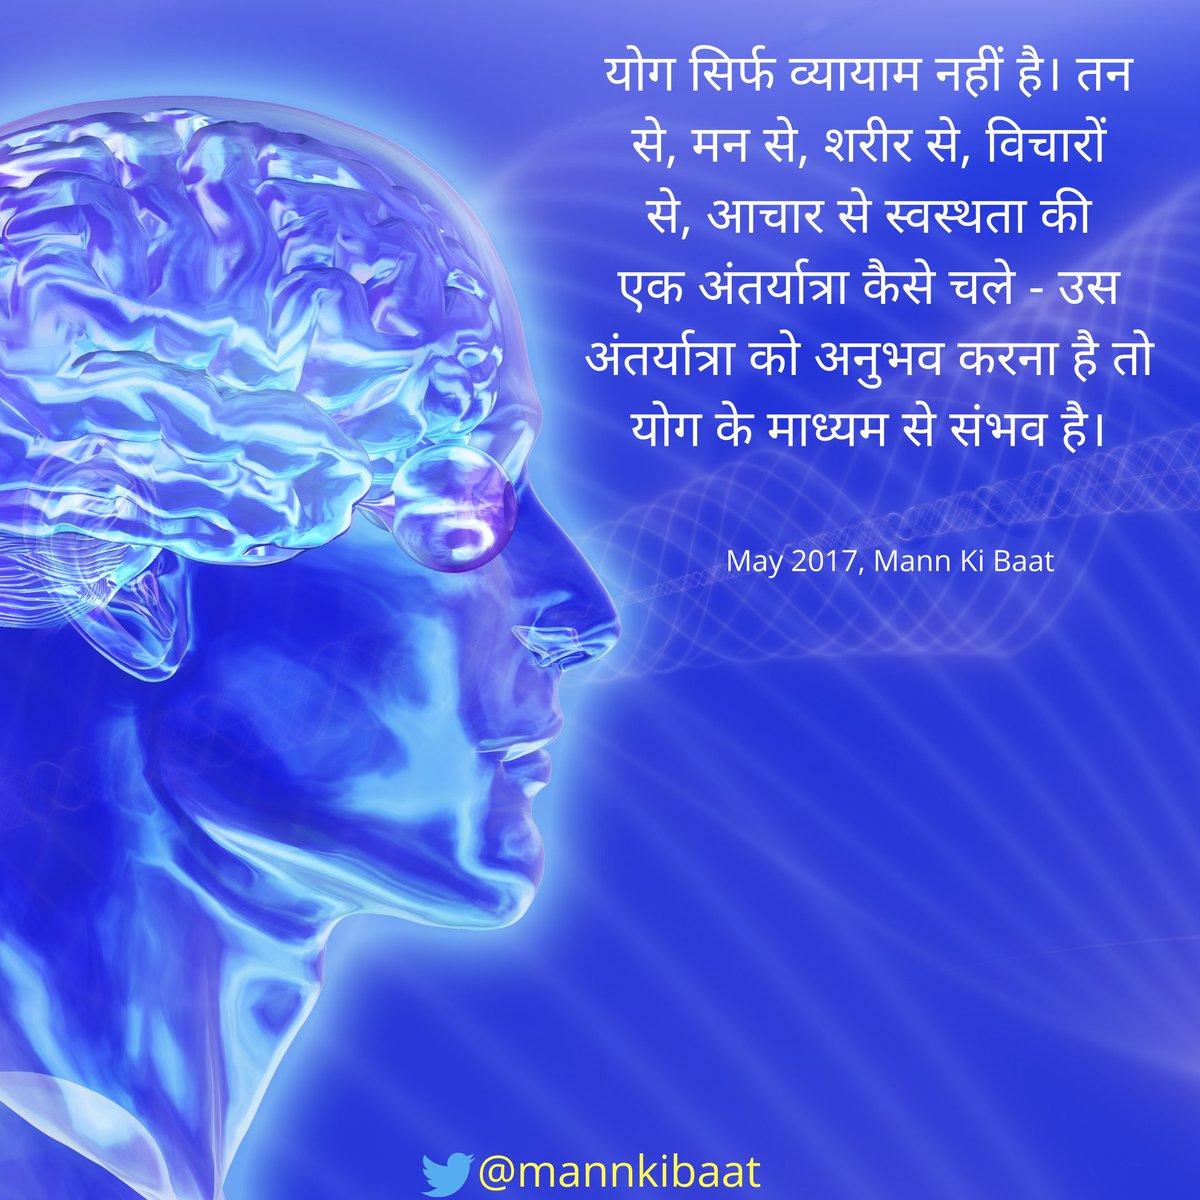 """""""योग सिर्फ व्यायाम नहीं है। तन से, मन से, शरीर से, विचारों से, आचार से स्वस्थता की एक अंतर्यात्रा कैसे चले - उस अंतर्यात्रा को अनुभव करना है तो योग के माध्यम से संभव है।""""  - पीएम श्री @narendramodi.  #MannKiBaat #yoga https://t.co/KAK30rhOrF"""